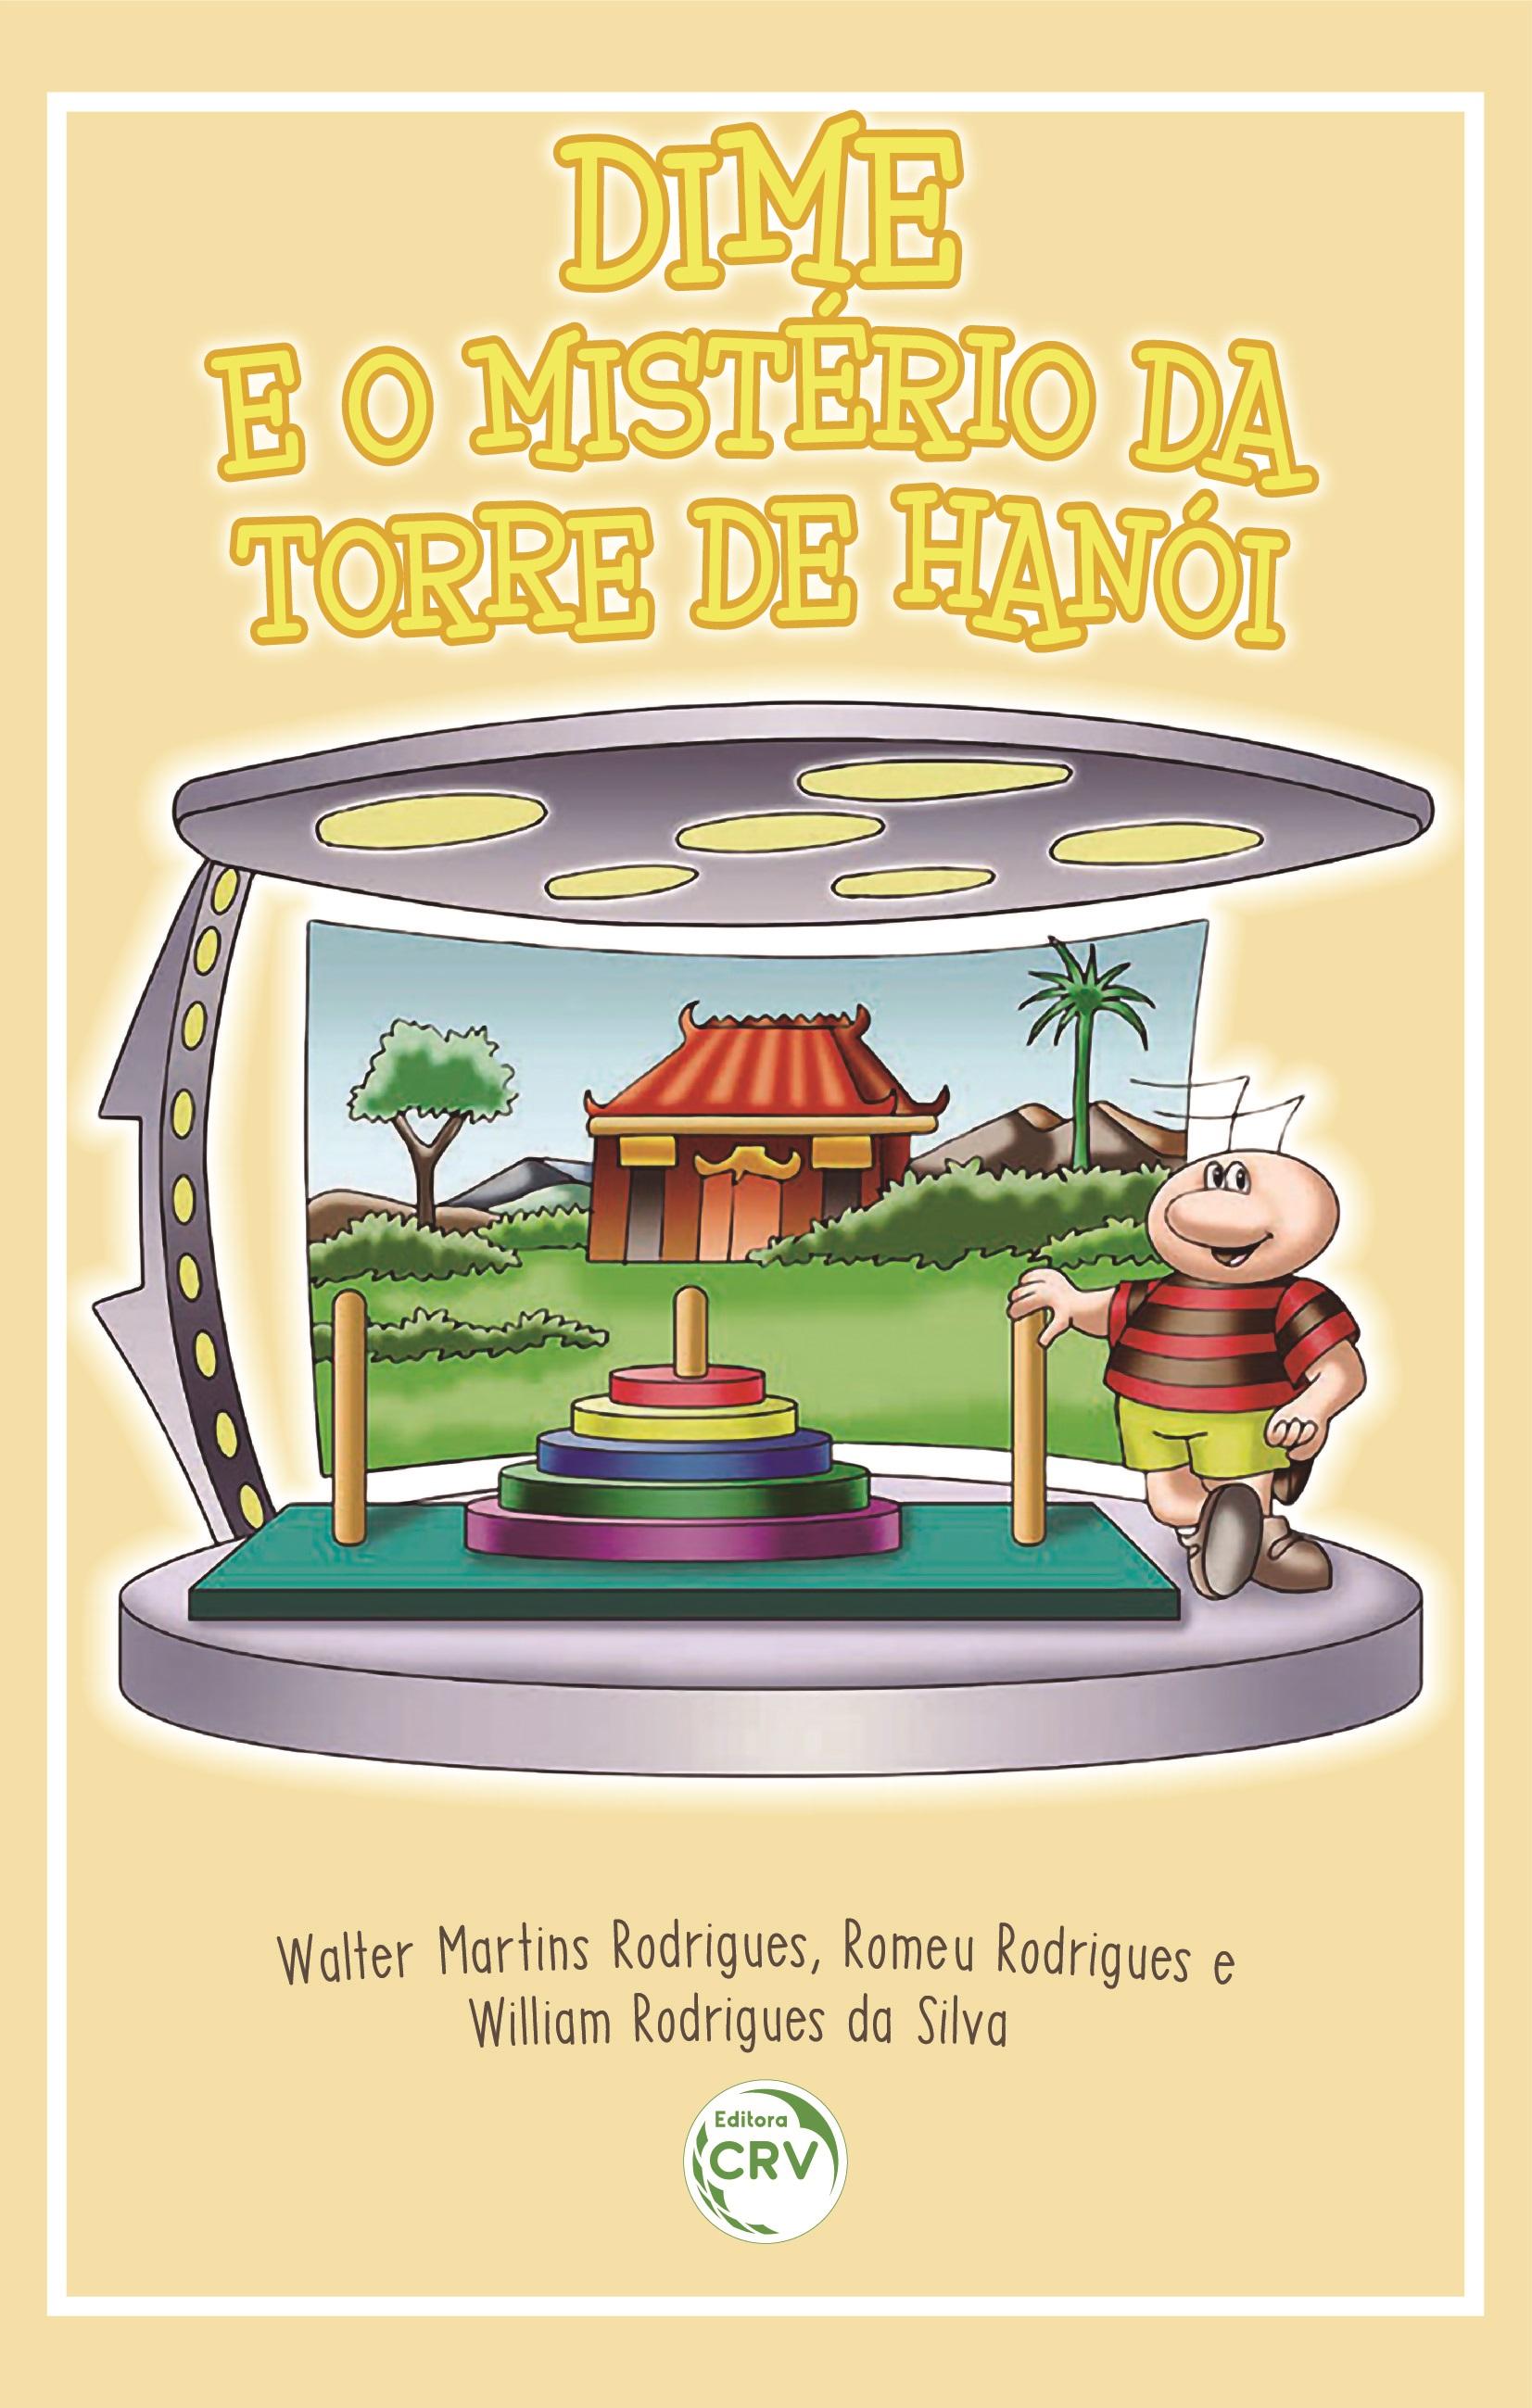 Capa do livro: DIME E O MISTÉRIO DA TORRE DE HANÓI